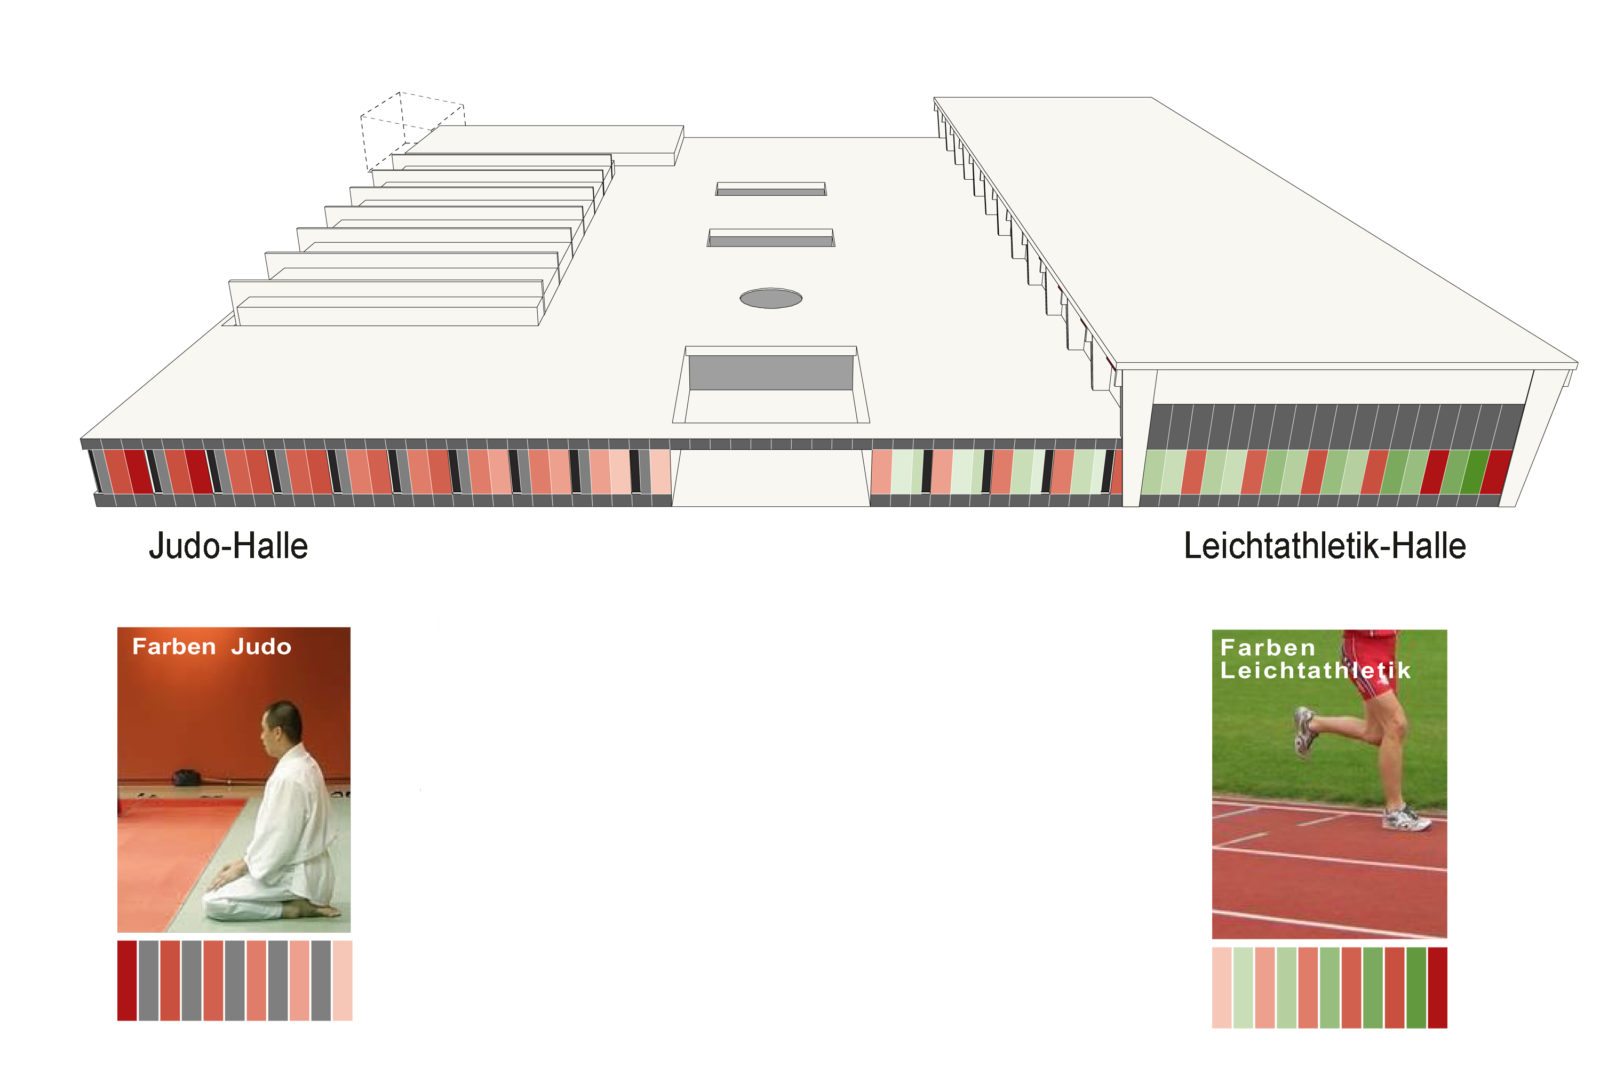 Trainingshalle Olympiastuetzpunkt Judoka und Leichtathletik Leipzig - Fassadenkonzept